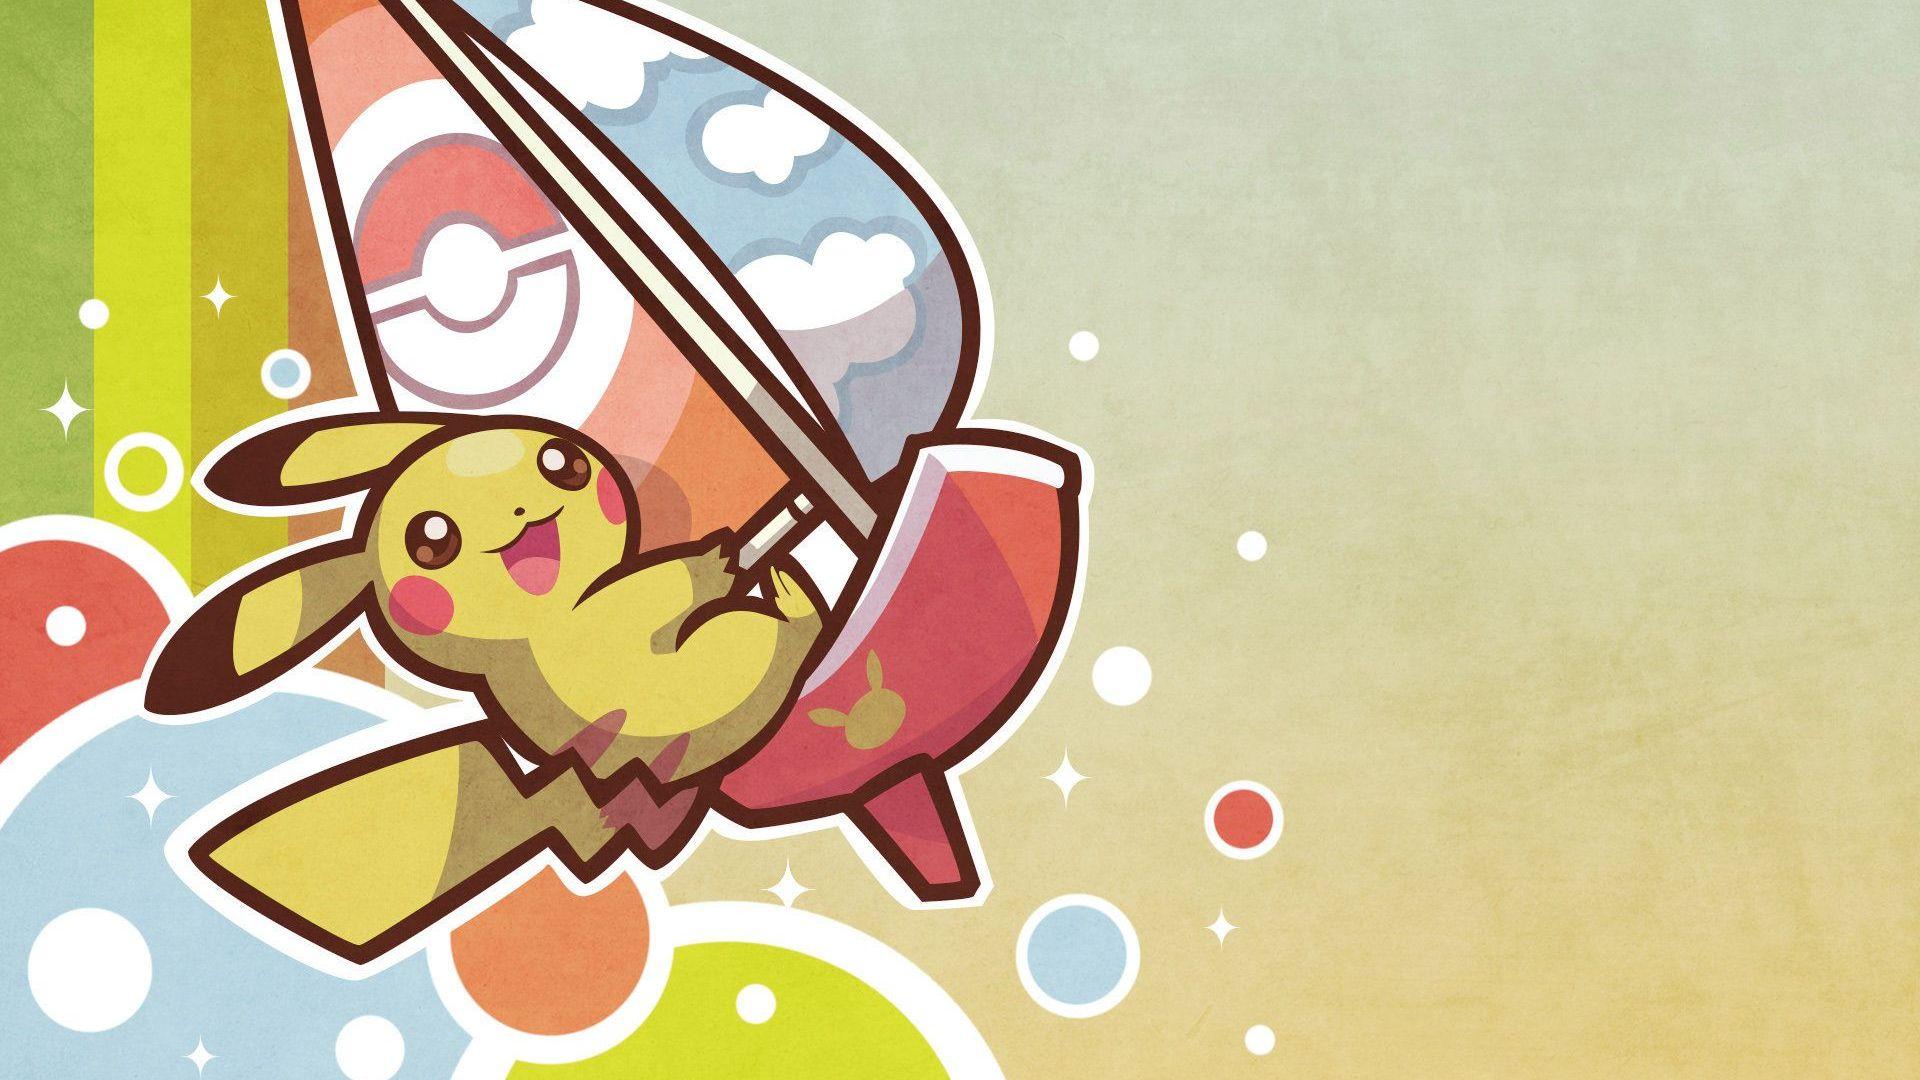 Download Pikachu   Pokemon wallpaper 1920x1080